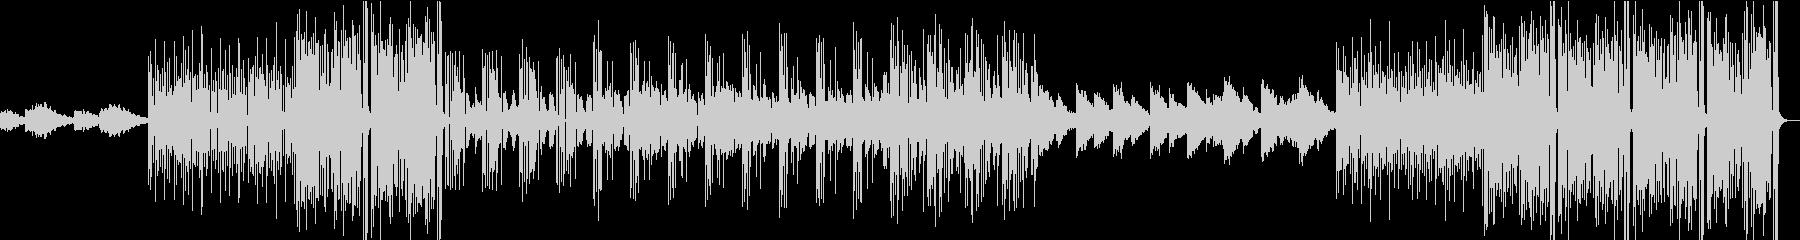 寂しげなエレクトロファンクBGMの未再生の波形